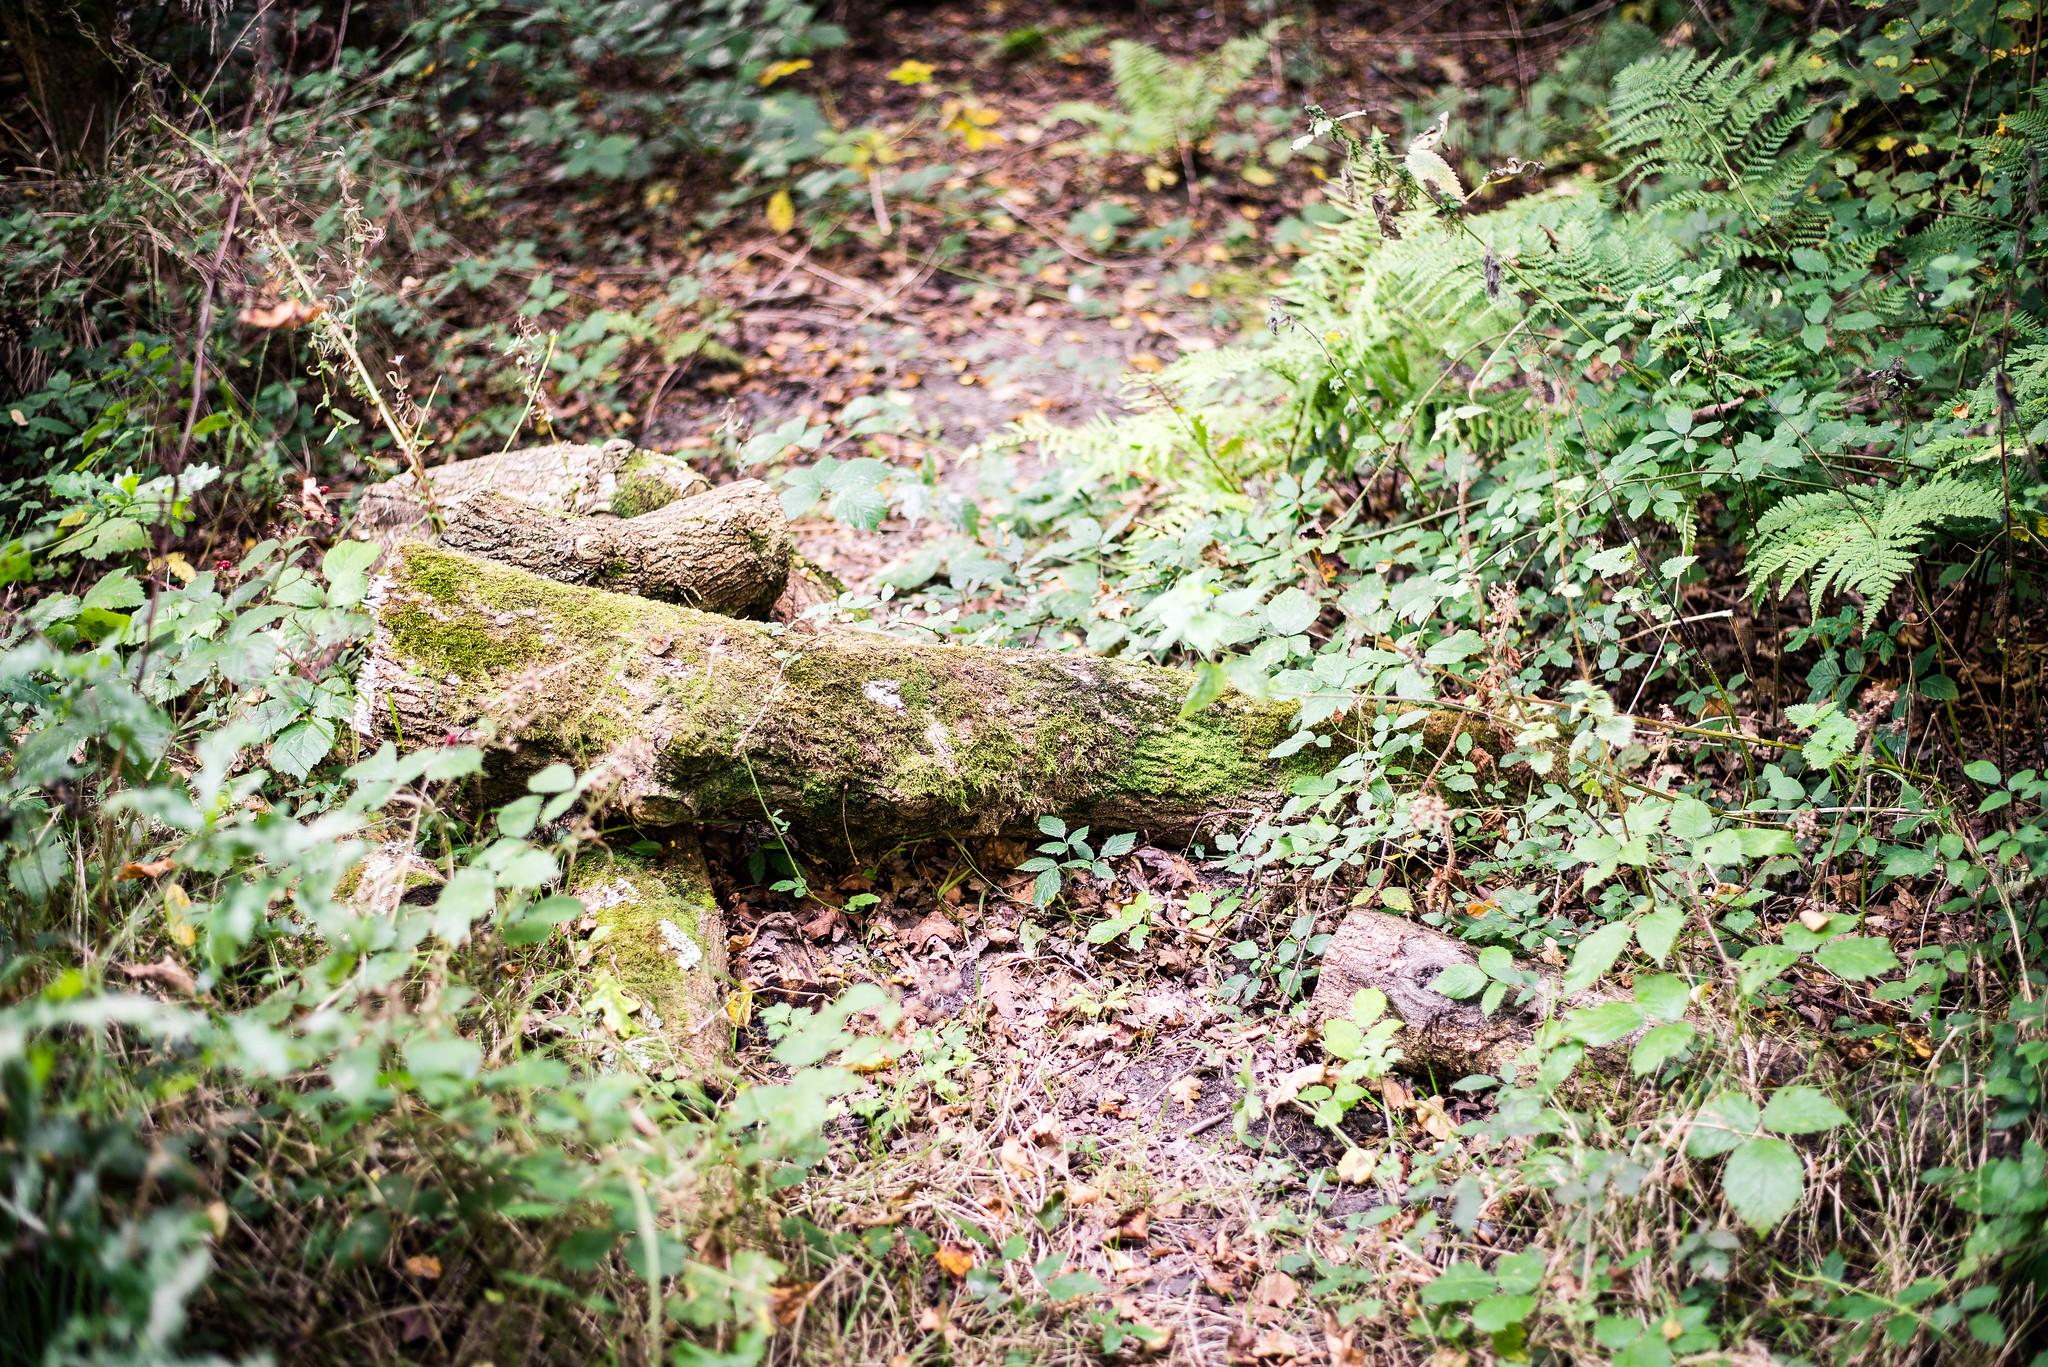 Mossy Fallen Branch